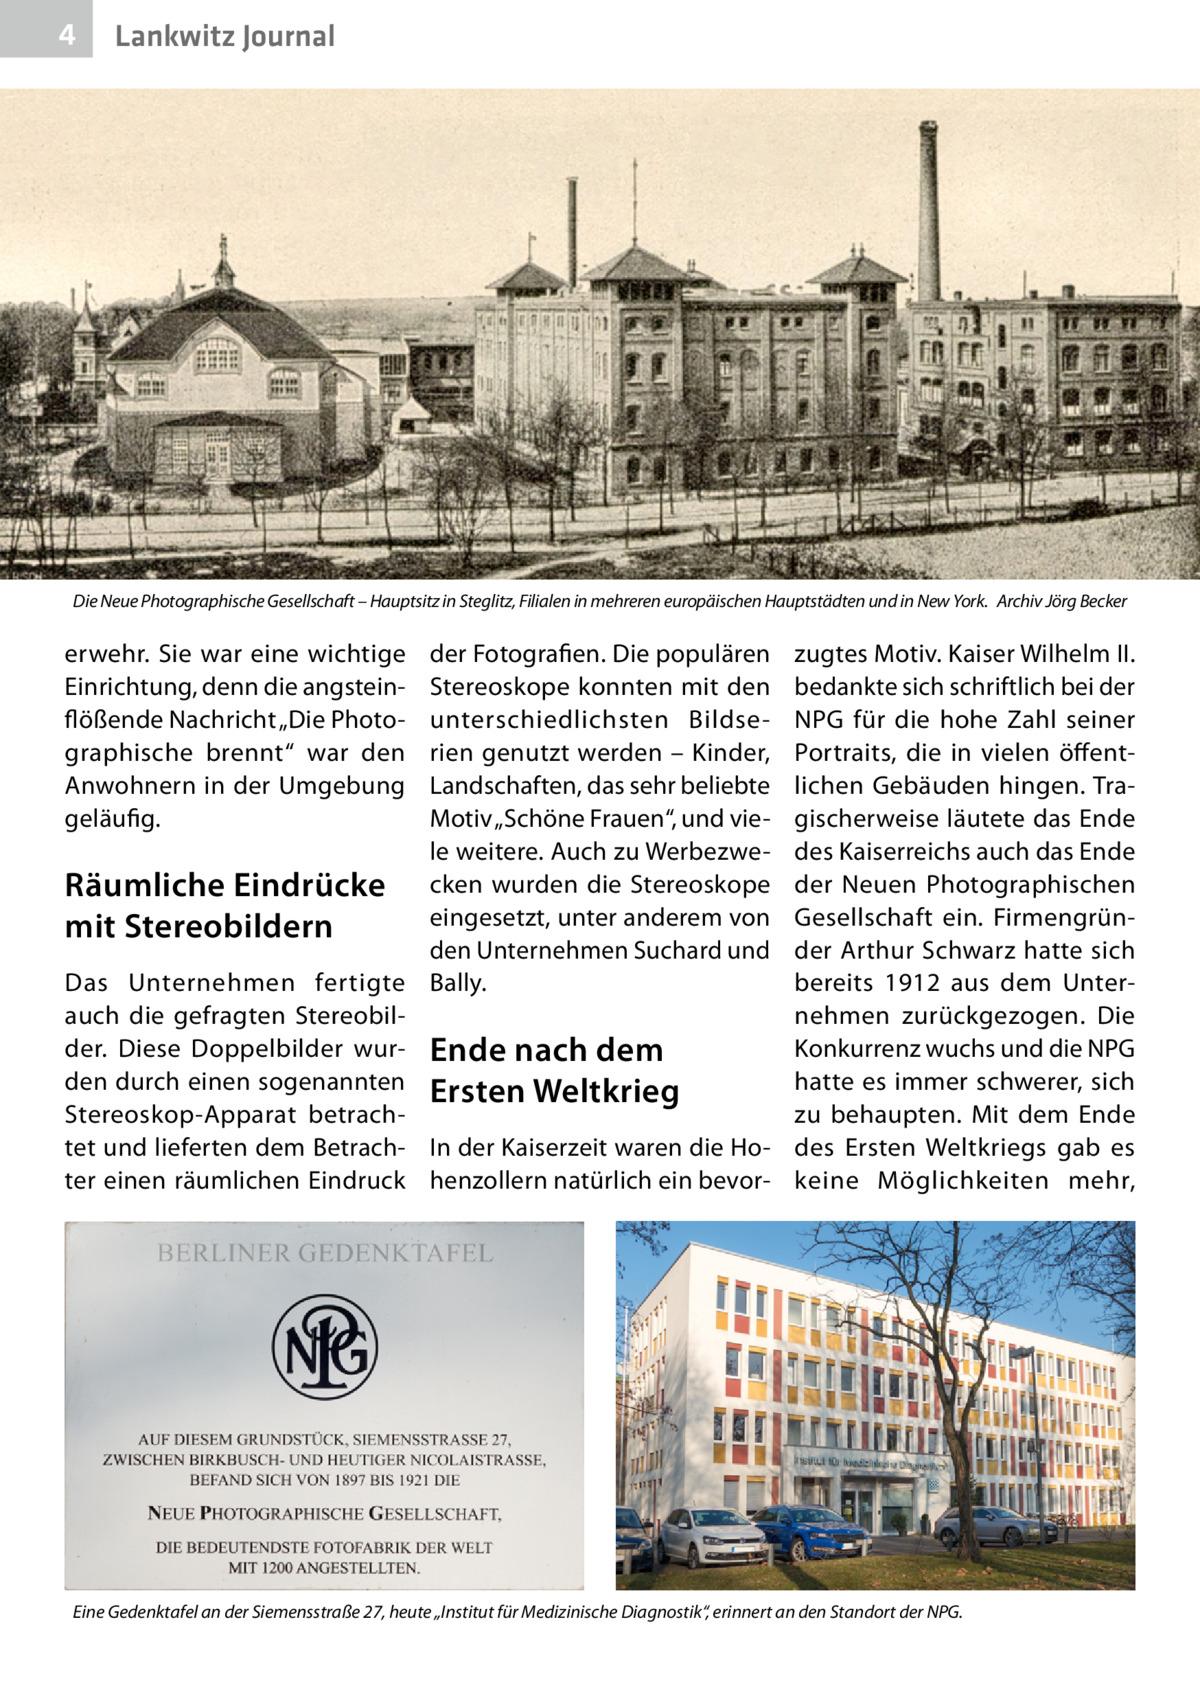 """4  Lankwitz Journal  Die Neue Photographische Gesellschaft – Hauptsitz in Steglitz, Filialen in mehreren europäischen Hauptstädten und in New York.� Archiv Jörg Becker  erwehr. Sie war eine wichtige Einrichtung, denn die angsteinflößende Nachricht """"Die Photographische brennt"""" war den Anwohnern in der Umgebung geläufig.  der Fotografien. Die populären Stereoskope konnten mit den unterschiedlichsten Bildserien genutzt werden – Kinder, Landschaften, das sehr beliebte Motiv """"Schöne Frauen"""", und viele weitere. Auch zu WerbezweRäumliche Eindrücke cken wurden die Stereoskope eingesetzt, unter anderem von mit Stereobildern den Unternehmen Suchard und Das Unternehmen fertigte Bally. auch die gefragten Stereobilder. Diese Doppelbilder wur- Ende nach dem den durch einen sogenannten Ersten Weltkrieg Stereoskop-Apparat betrachtet und lieferten dem Betrach- In der Kaiserzeit waren die Hoter einen räumlichen Eindruck henzollern natürlich ein bevor zugtes Motiv. Kaiser WilhelmII. bedankte sich schriftlich bei der NPG für die hohe Zahl seiner Portraits, die in vielen öffentlichen Gebäuden hingen. Tragischerweise läutete das Ende des Kaiserreichs auch das Ende der Neuen Photographischen Gesellschaft ein. Firmengründer Arthur Schwarz hatte sich bereits 1912 aus dem Unternehmen zurückgezogen. Die Konkurrenz wuchs und die NPG hatte es immer schwerer, sich zu behaupten. Mit dem Ende des Ersten Weltkriegs gab es keine Möglichkeiten mehr,  Eine Gedenktafel an der Siemensstraße 27, heute """"Institut für Medizinische Diagnostik"""", erinnert an den Standort der NPG."""